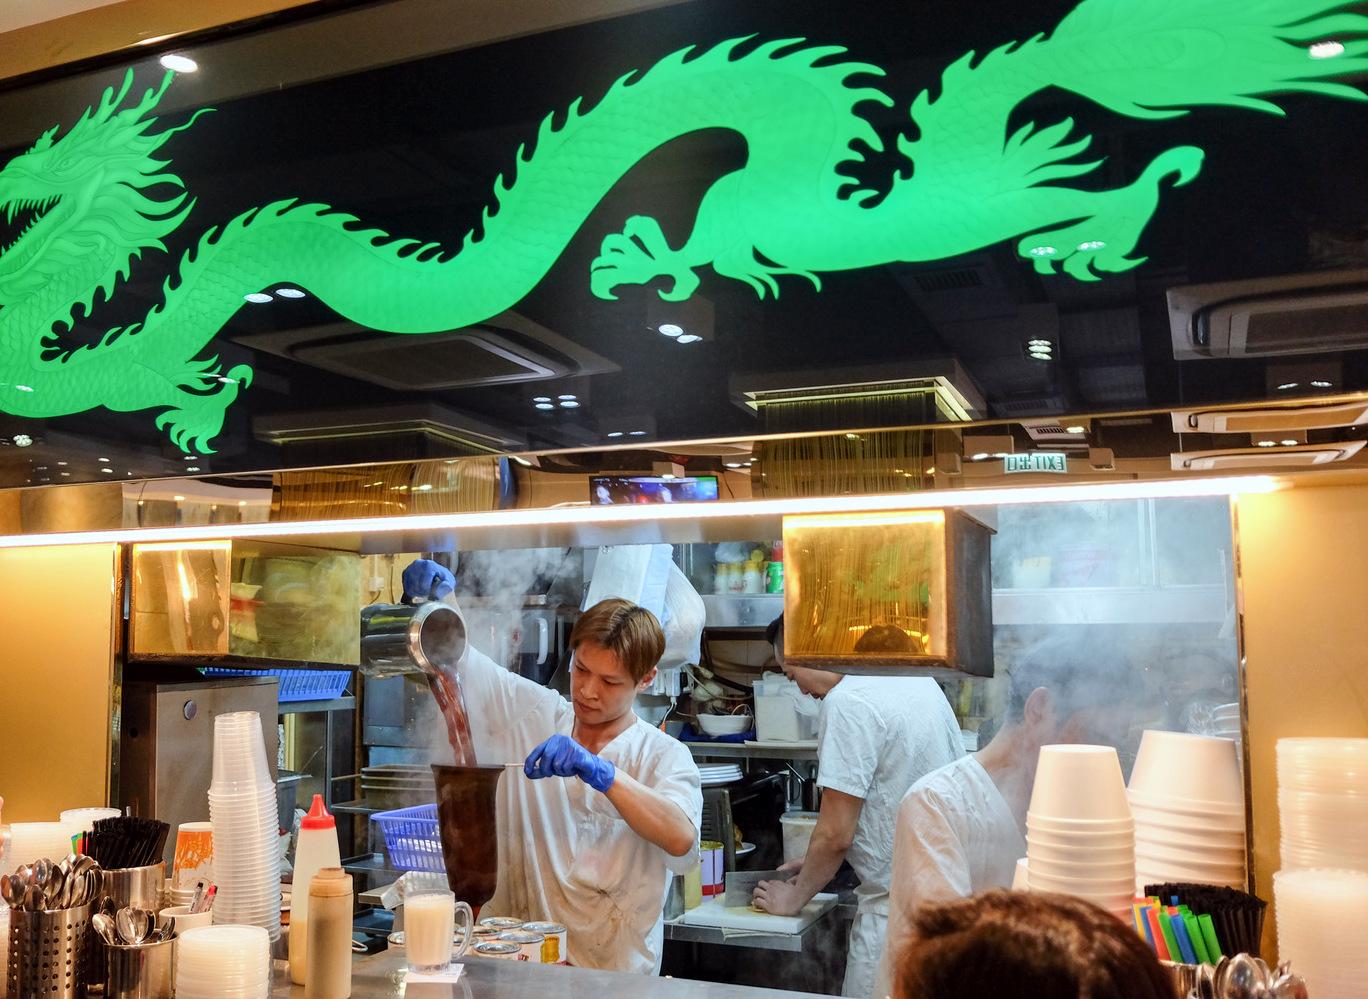 Sham Shui Po @ Hong Kong